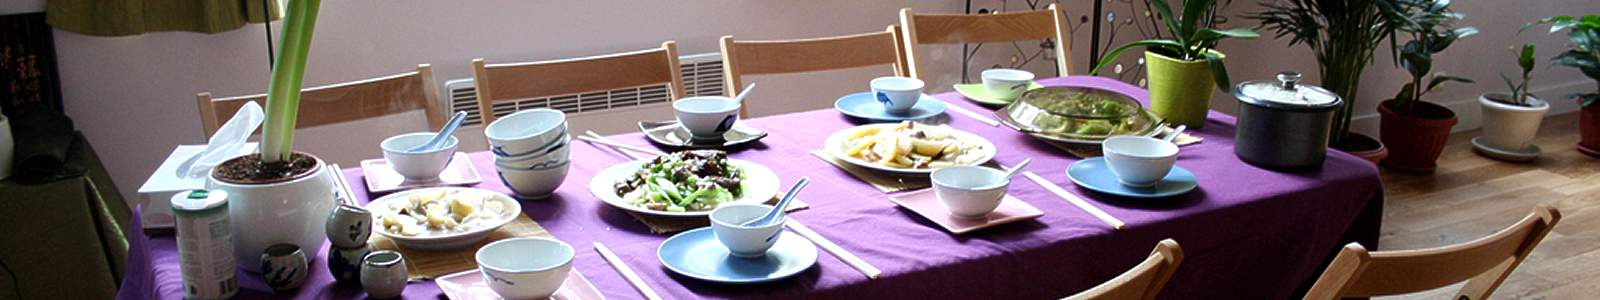 table repas chinois bio